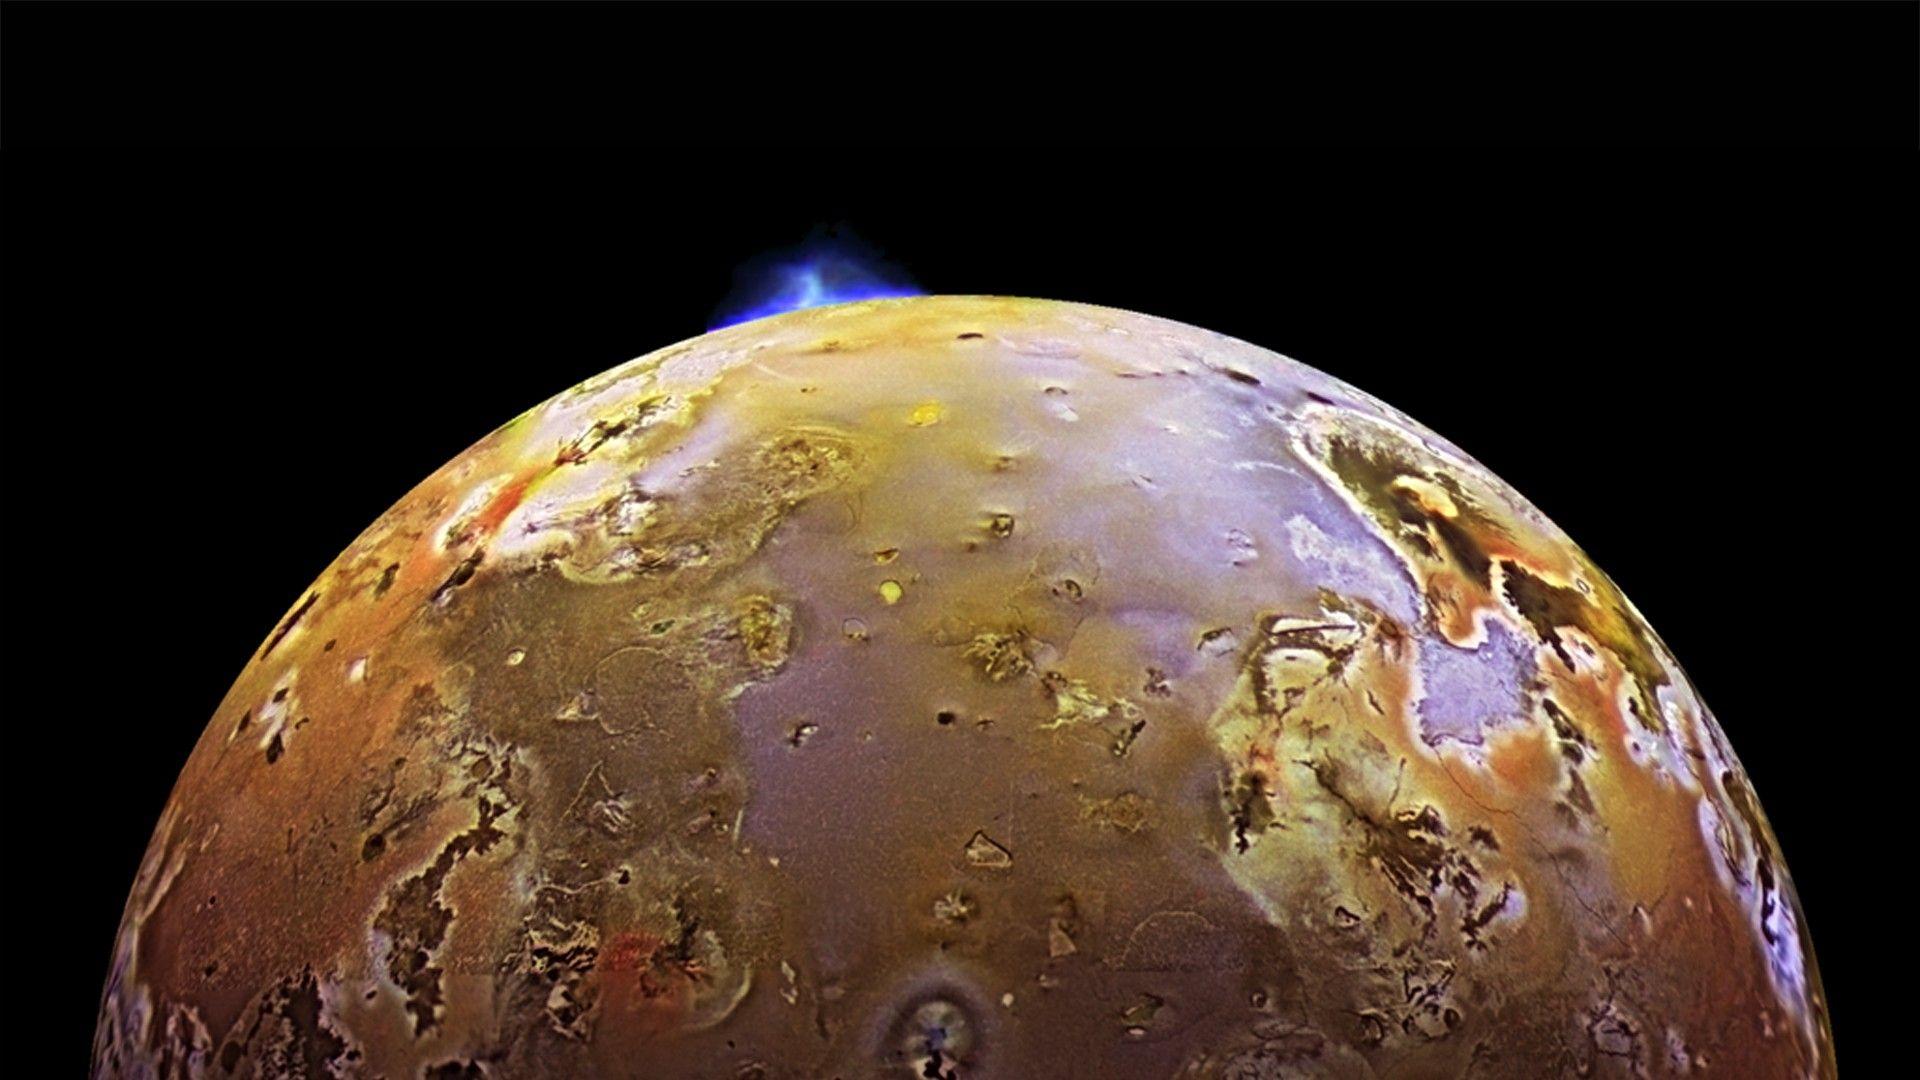 Lua de Júpiter é objeto mais vulcânico do sistema solar   National Geographic